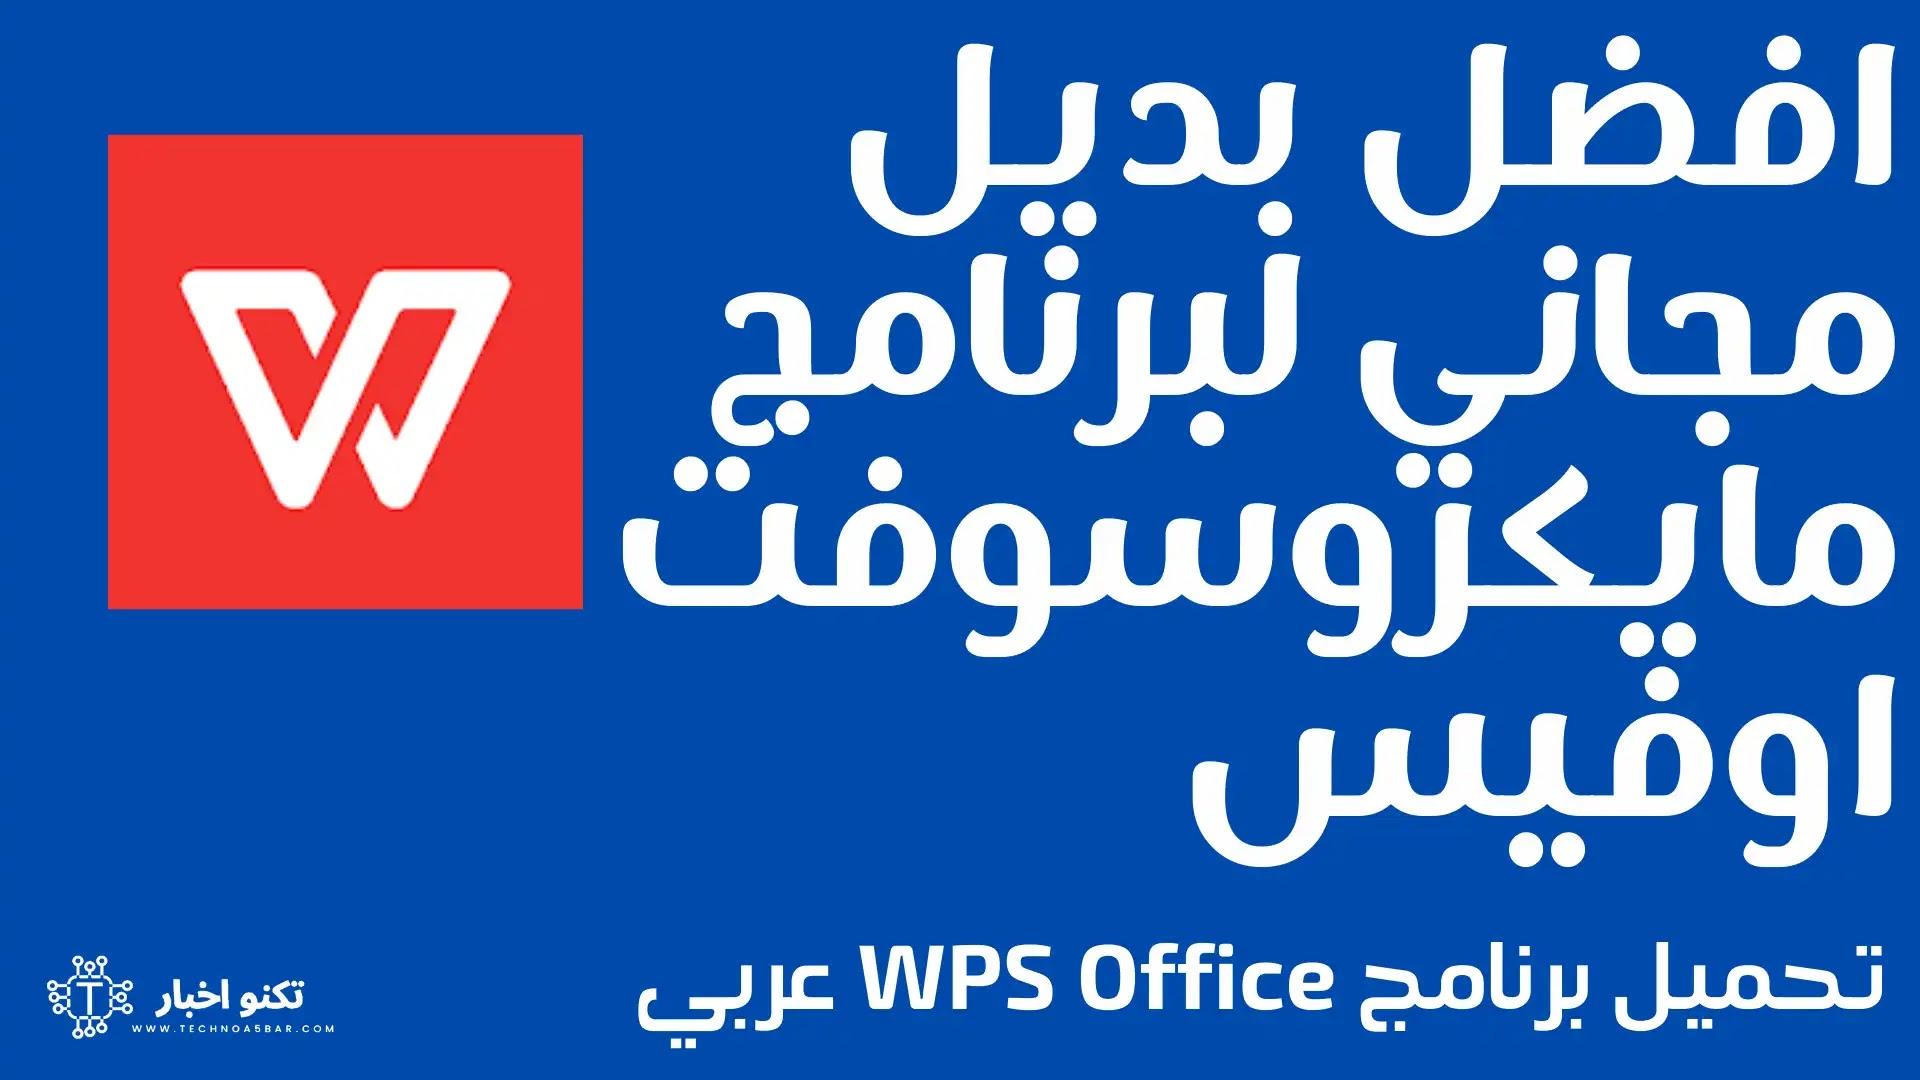 تحميل برنامج WPS Office عربي افضل بديل لبرنامج مايكروسوفت اوفيس مجانا